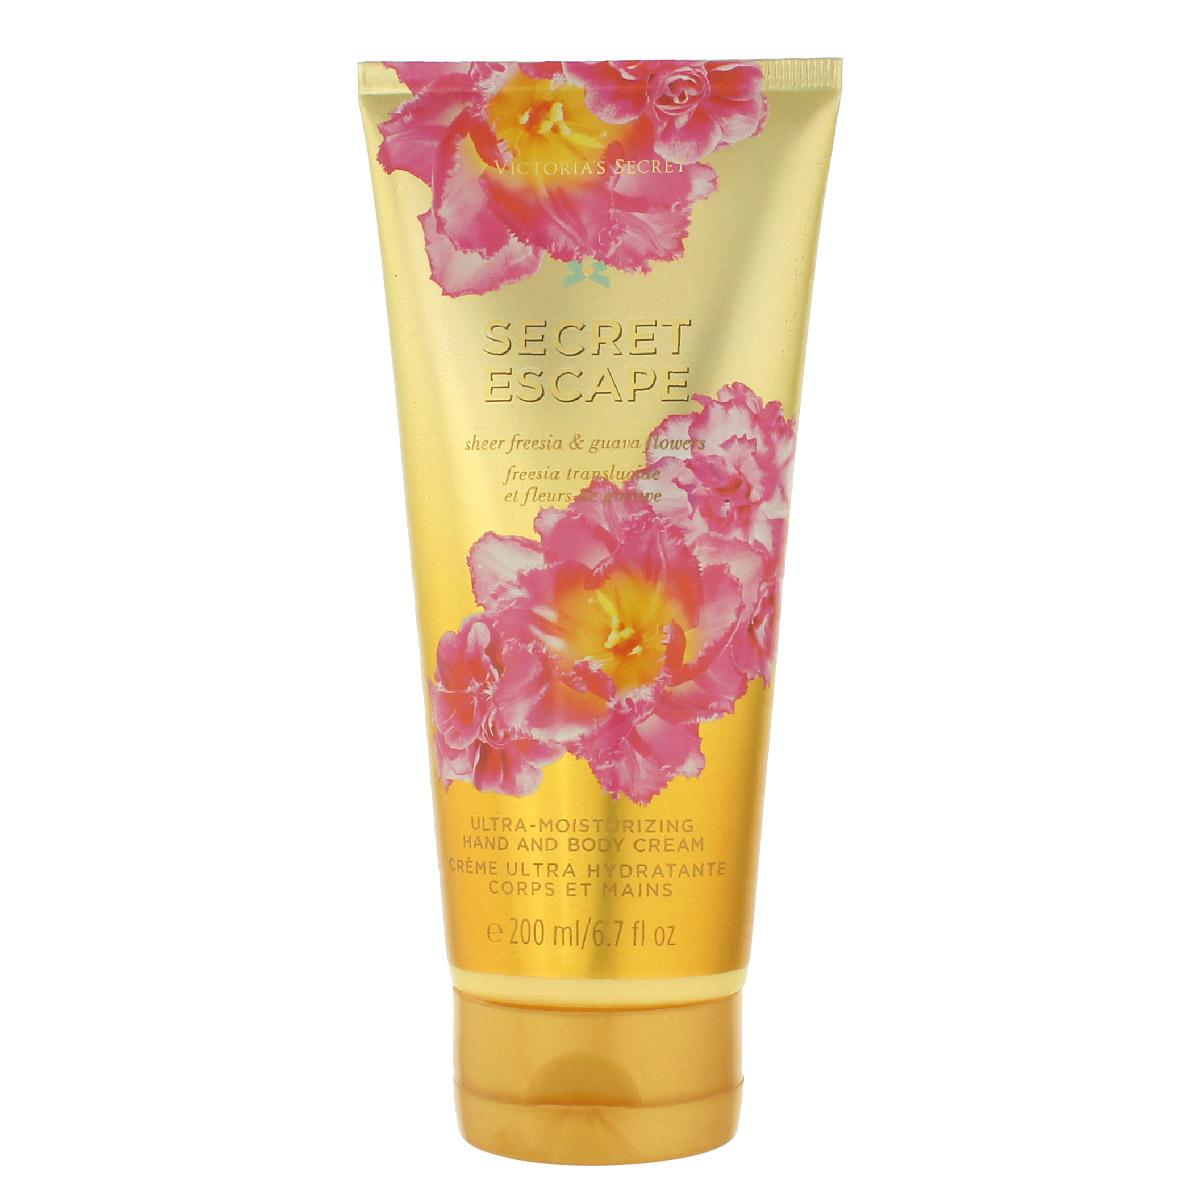 Victoria's Secret Secret Escape krém na ruce i tělo 200 ml W